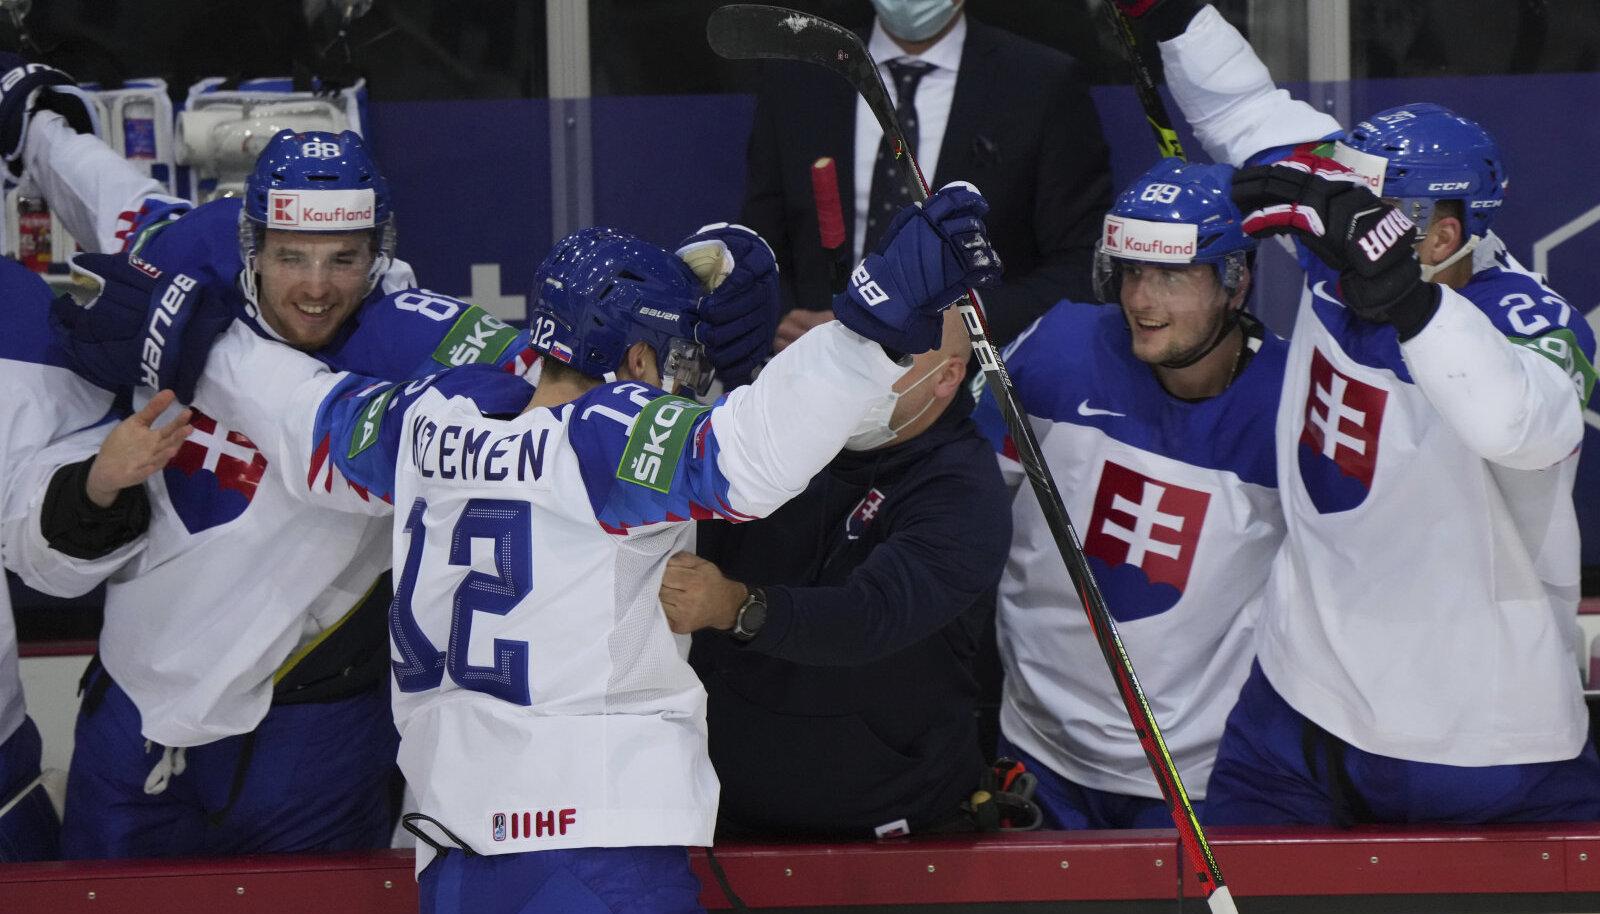 Slovakkia jäähokimängijad juubeldavad